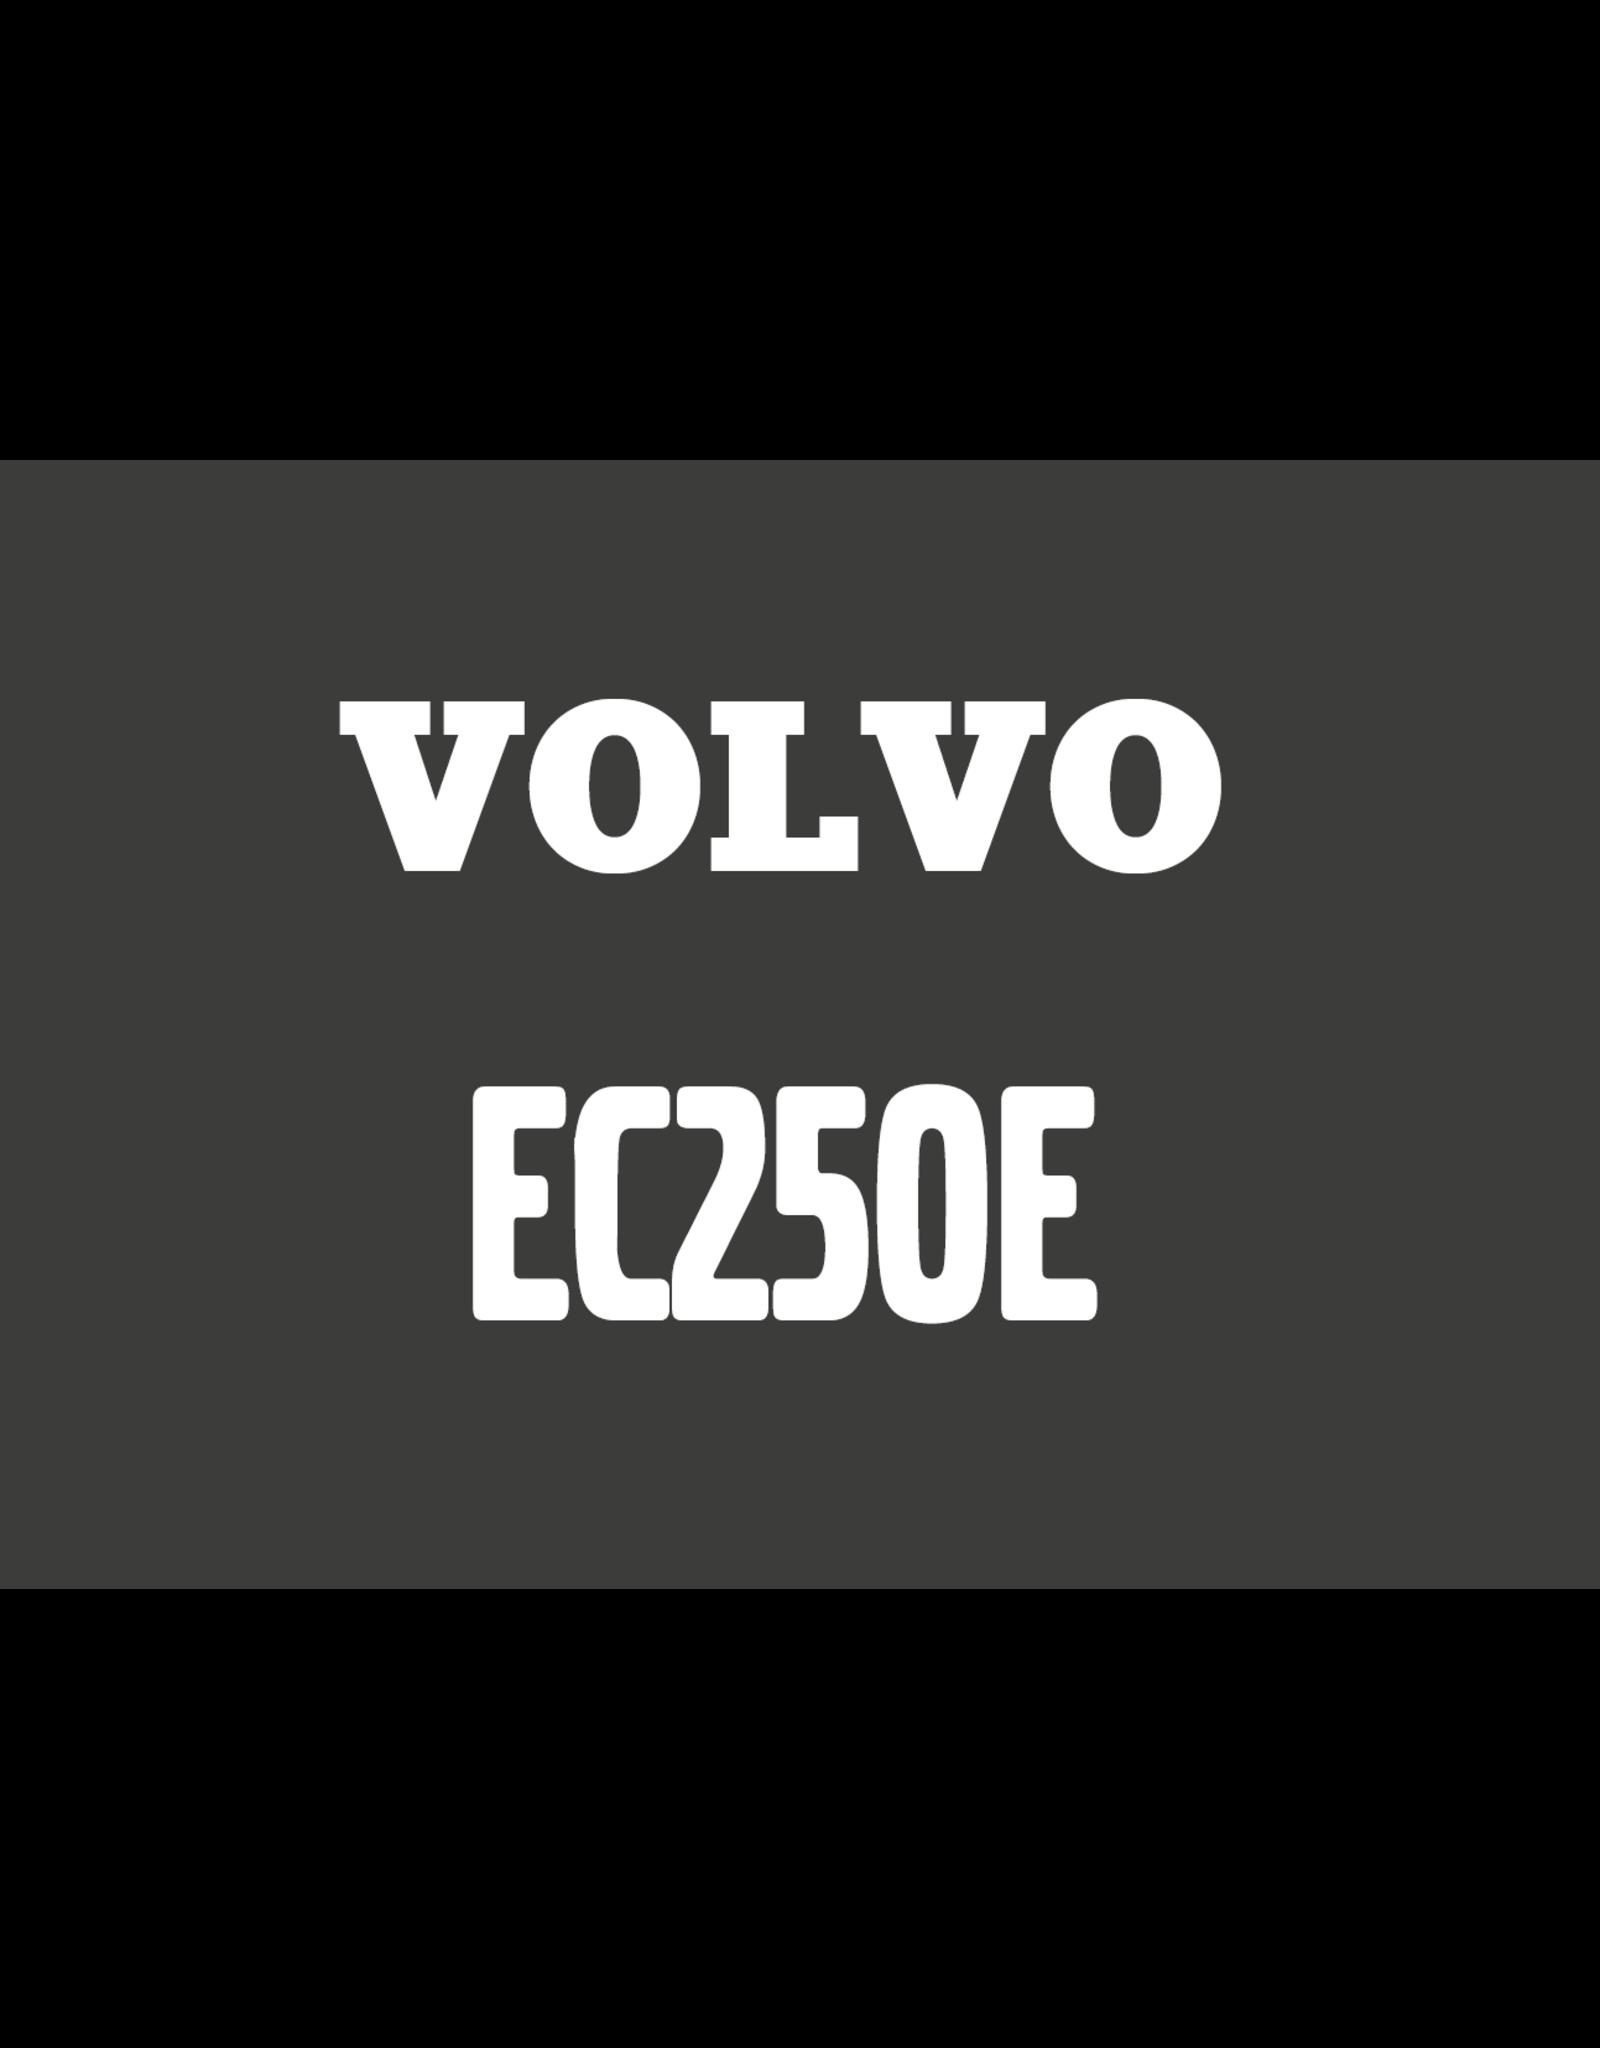 Echle Hartstahl GmbH FOPS pour Volvo EC250E